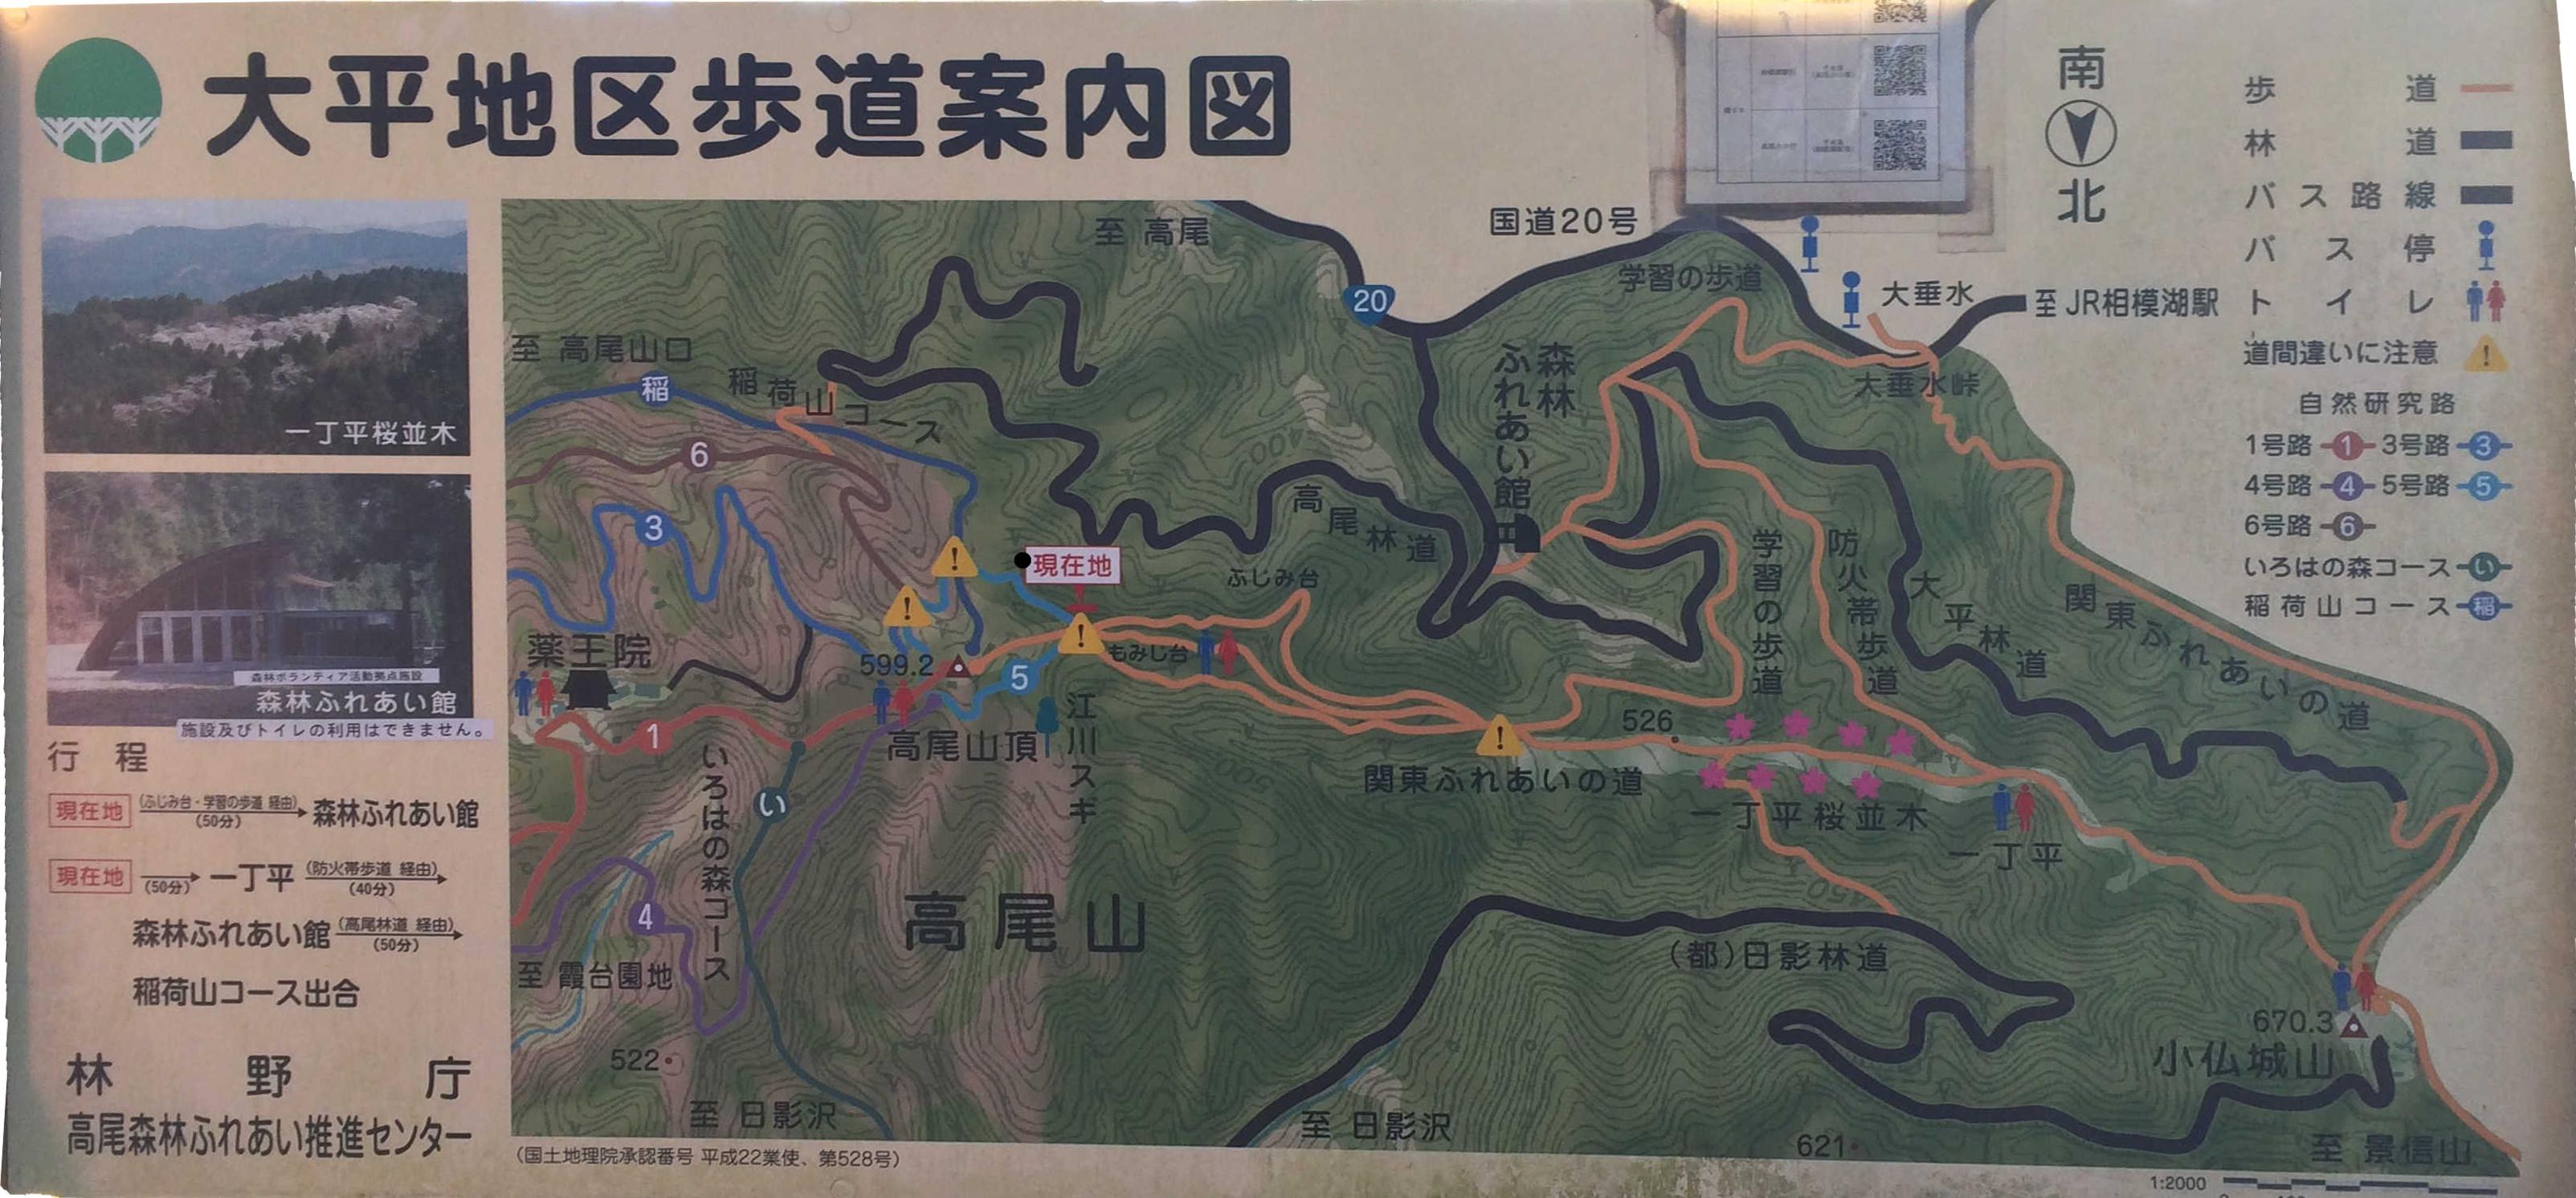 太平地区歩道案内図